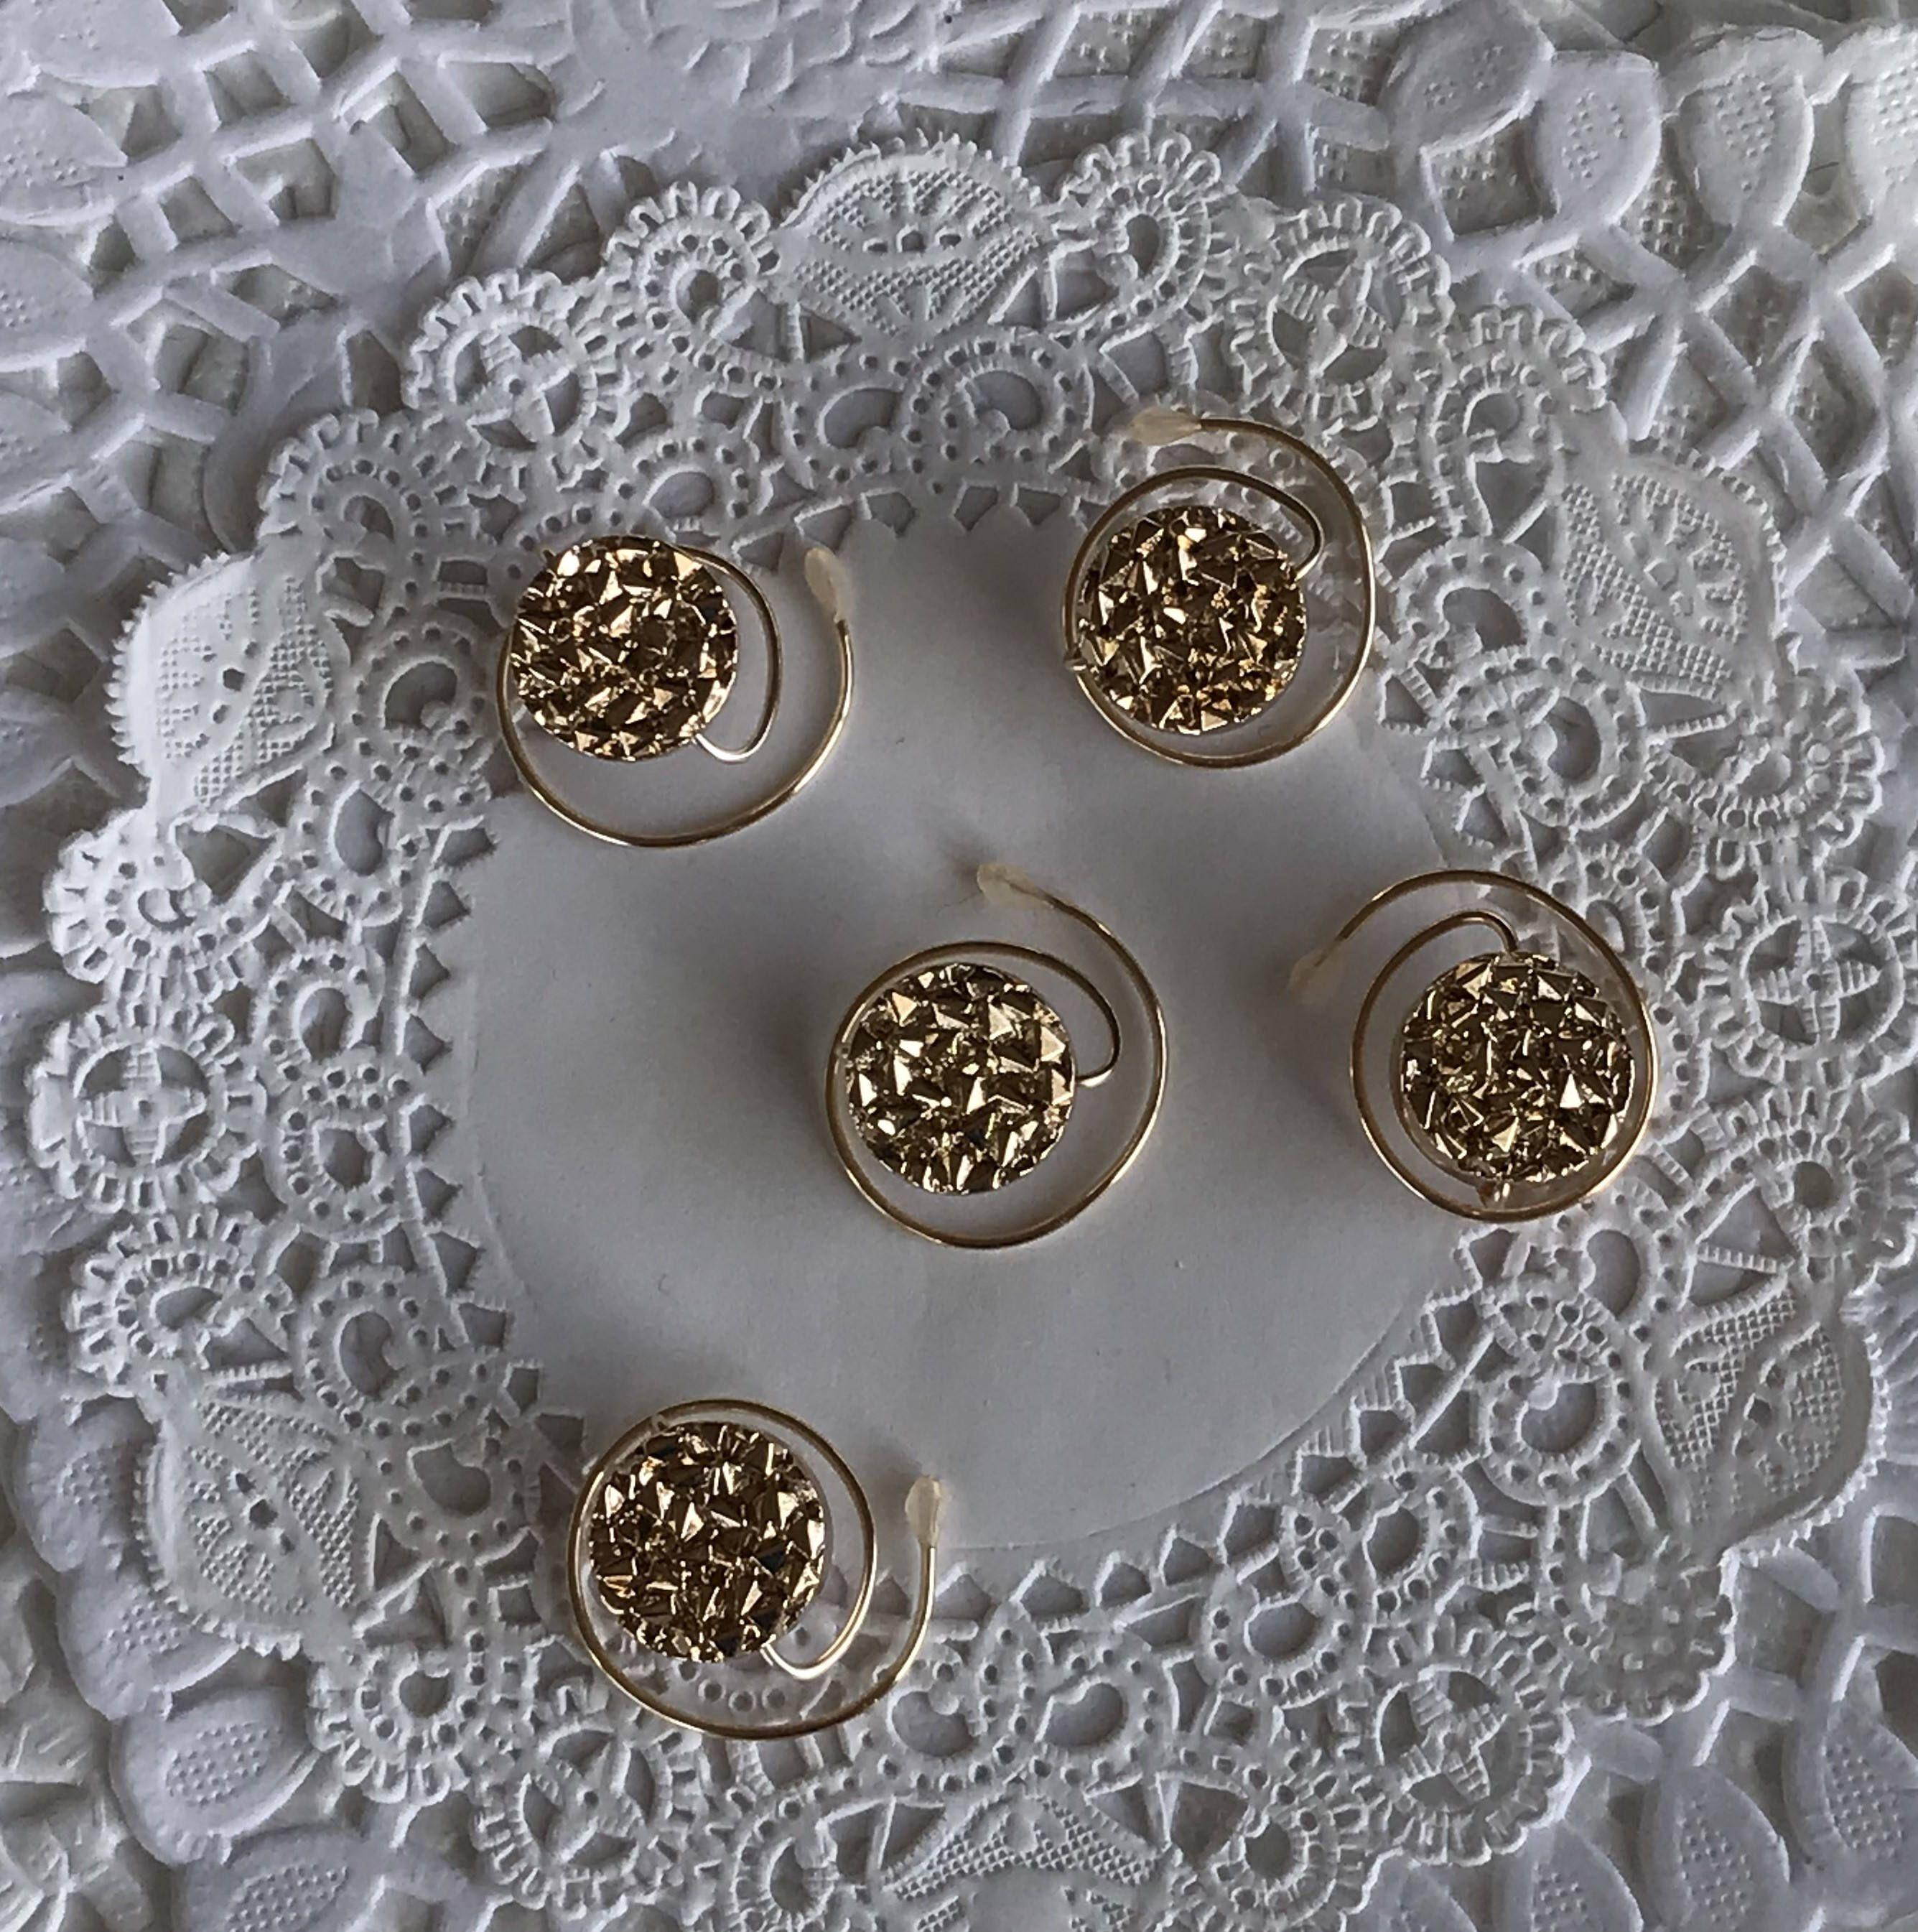 Golden Circles Hair Spins-Ballroom Dancers-Bridemaids Hair Swirls-New Years Eve Party Coils #bridemaidshair